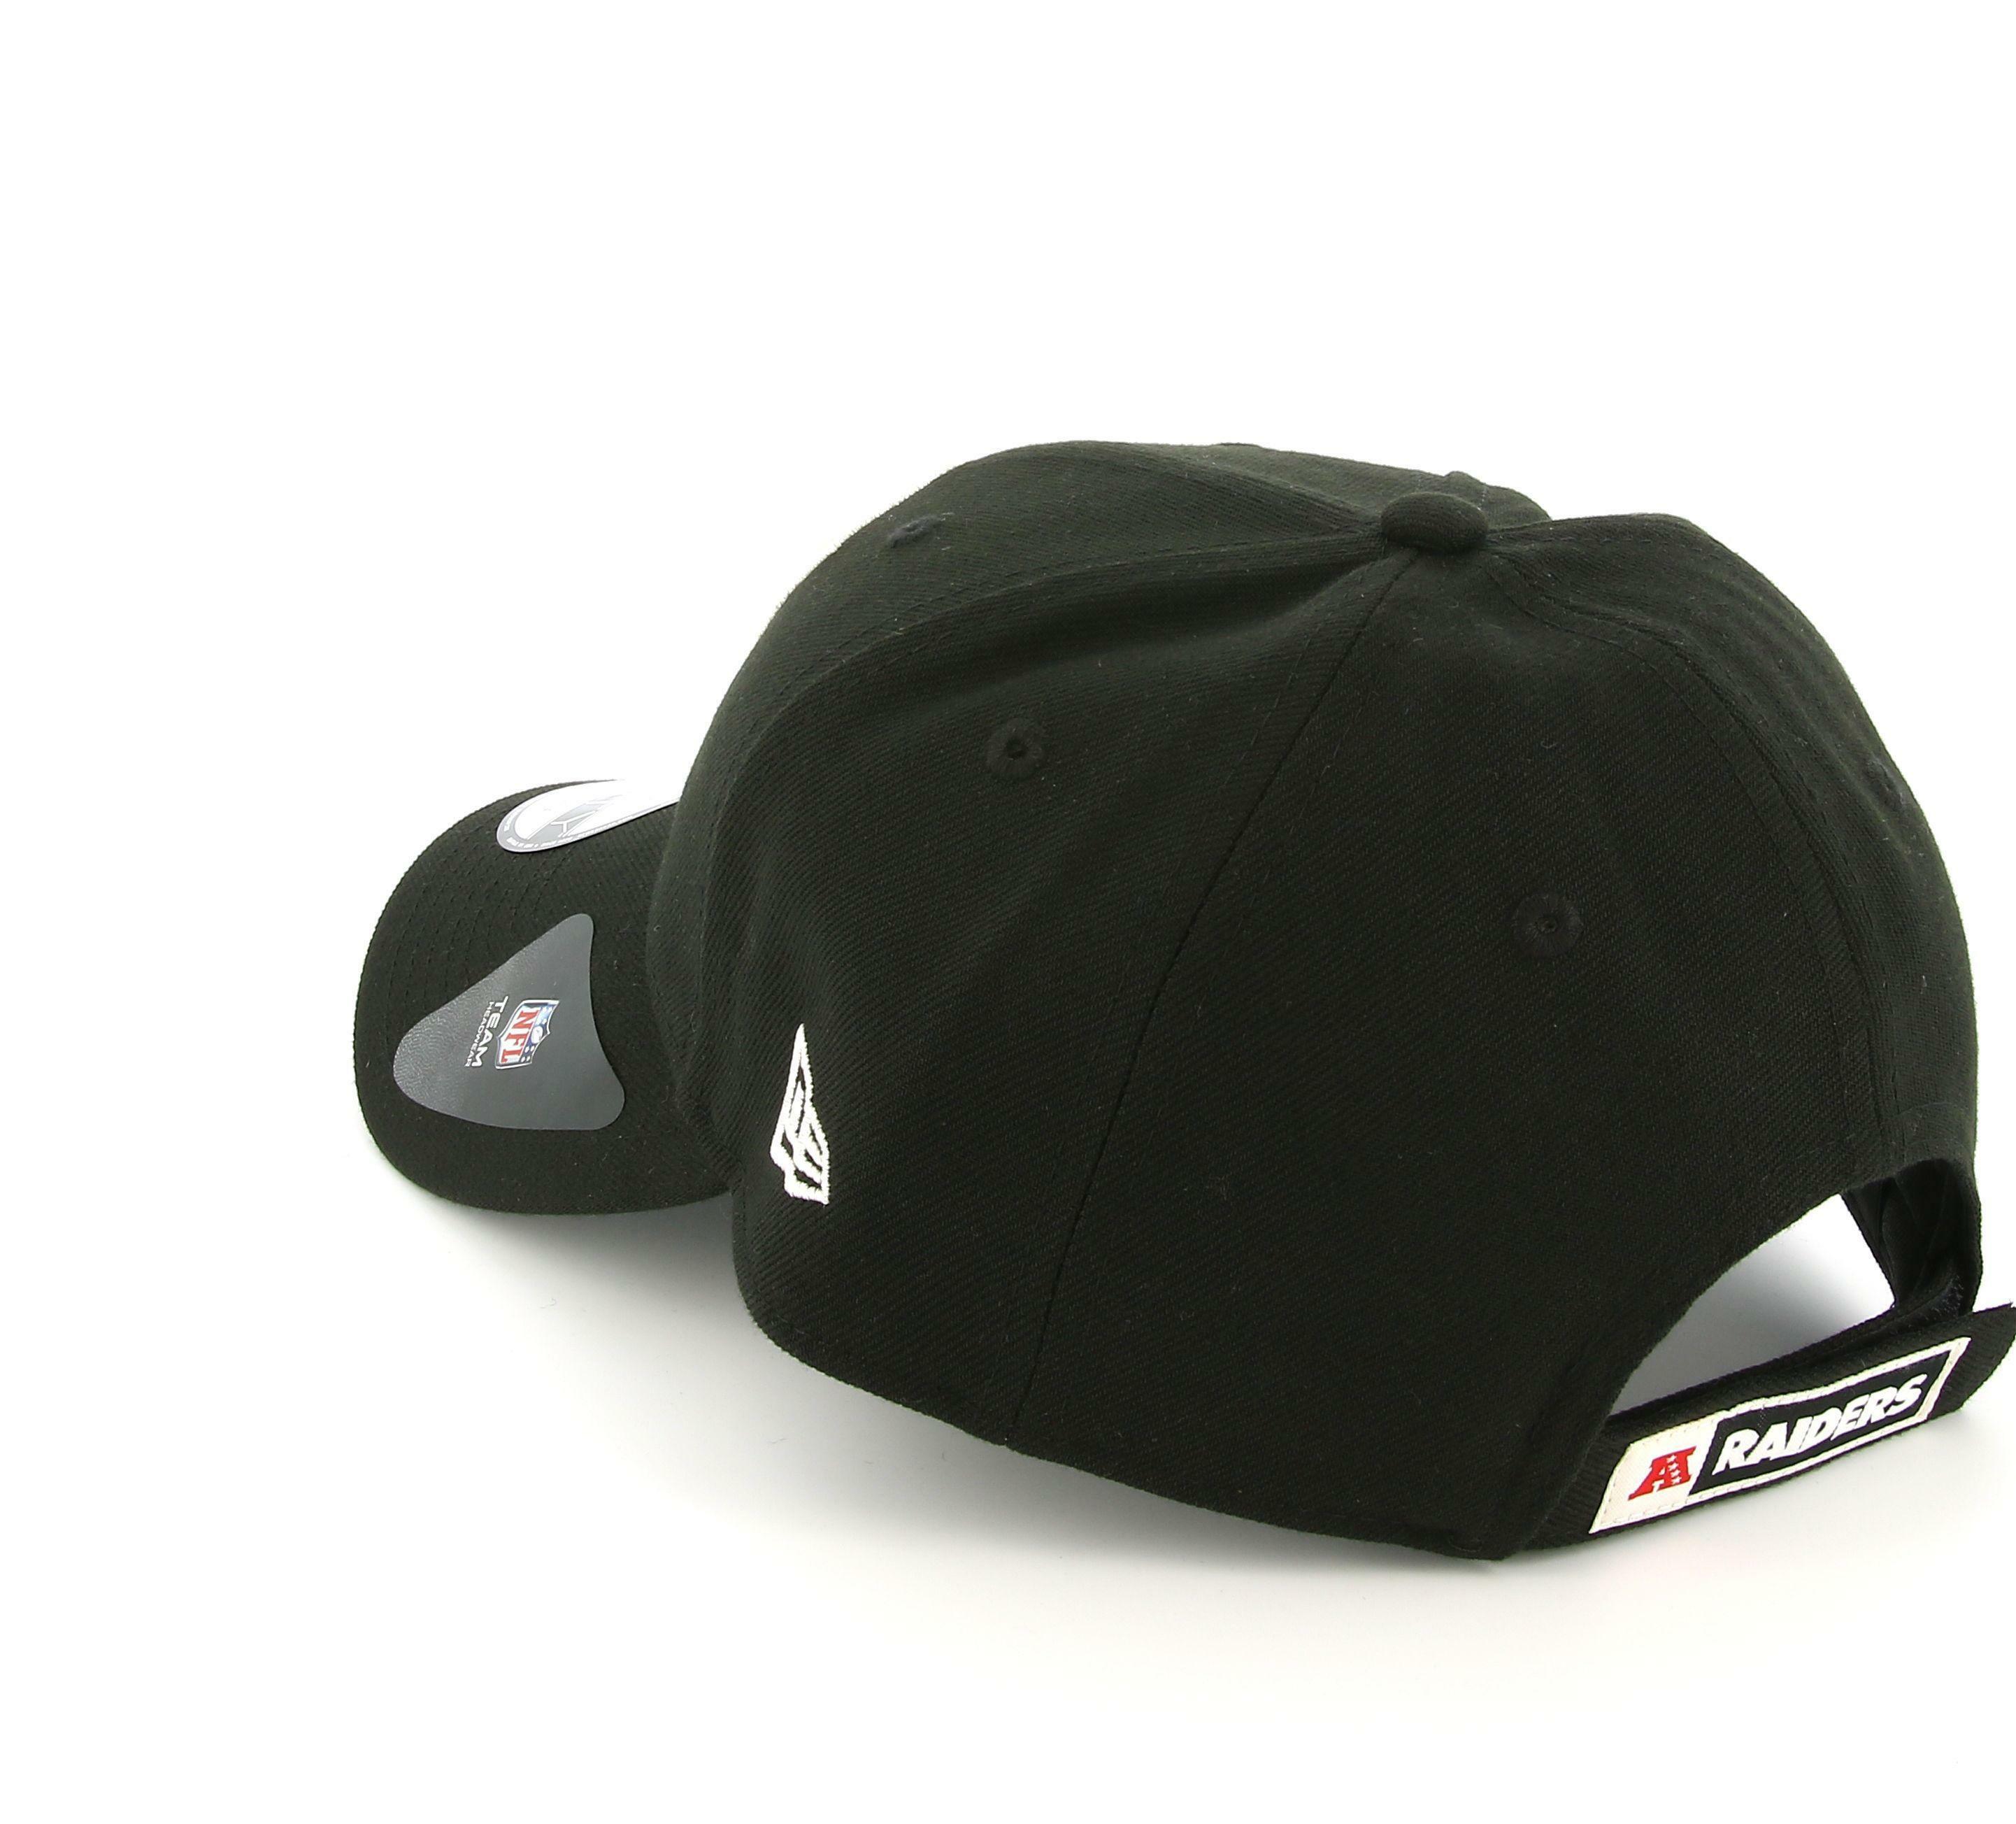 new era new era 10517873 raiders cappello unisex lasrai